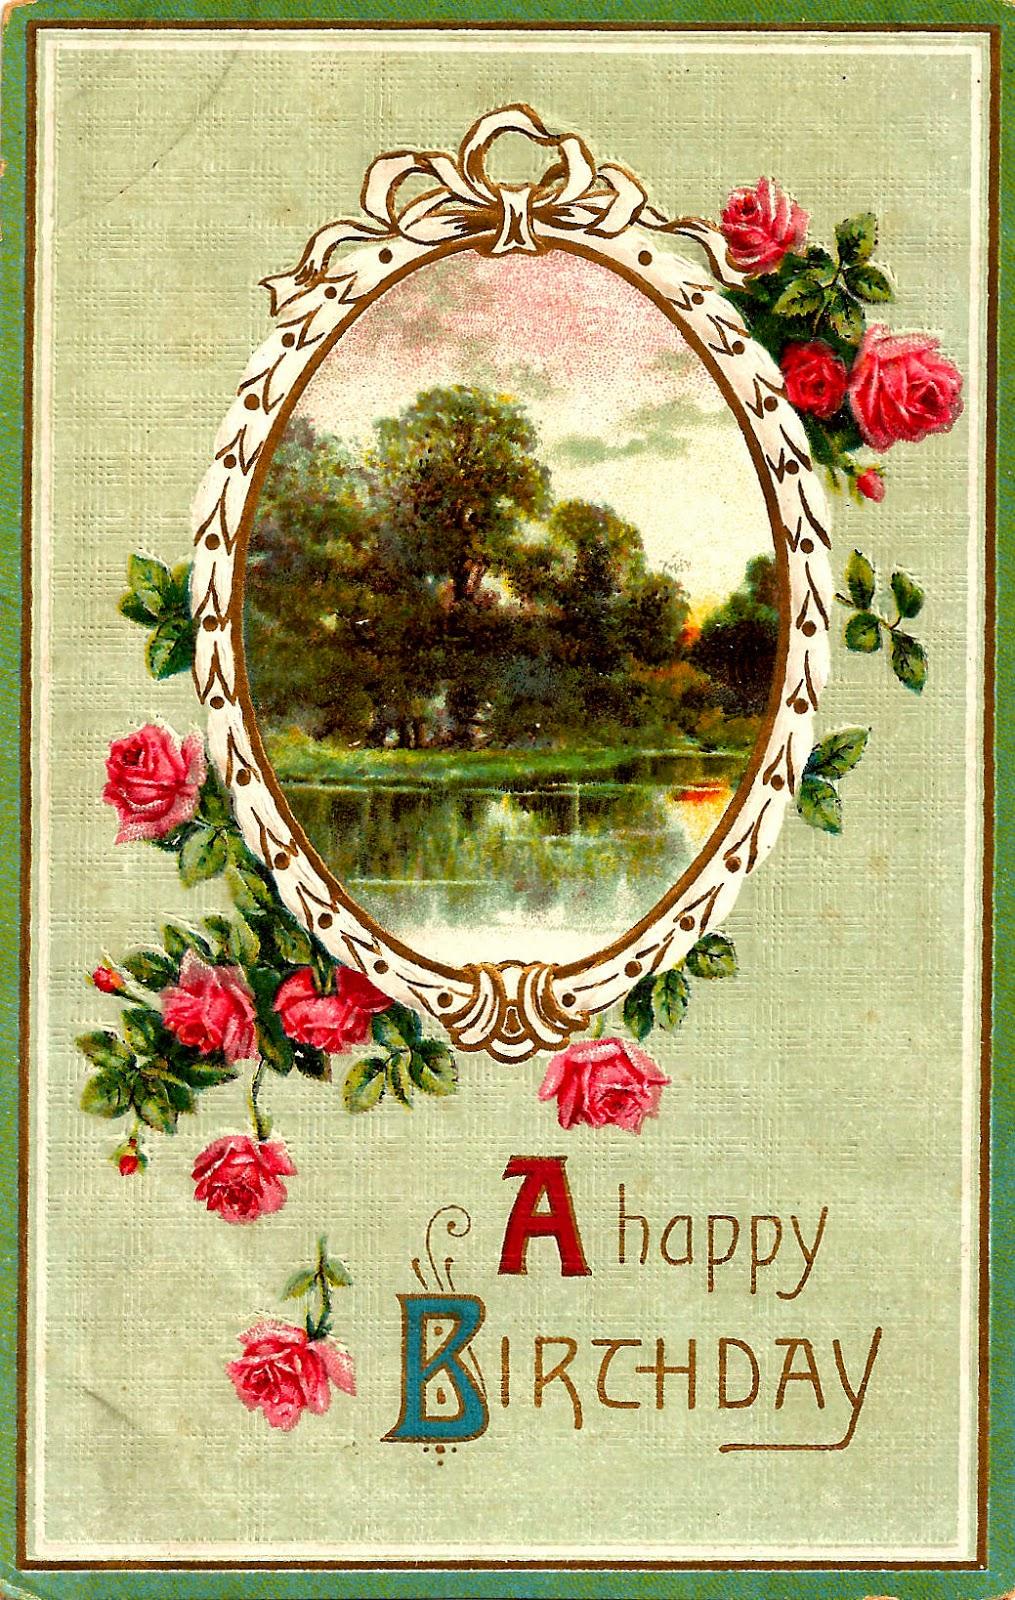 http://1.bp.blogspot.com/-3q7qxAv1SJI/VLsDsFEm1oI/AAAAAAAAVJc/TOa1Hja7Jtw/s1600/birthday_pc_rose_frame_gm-2.jpg